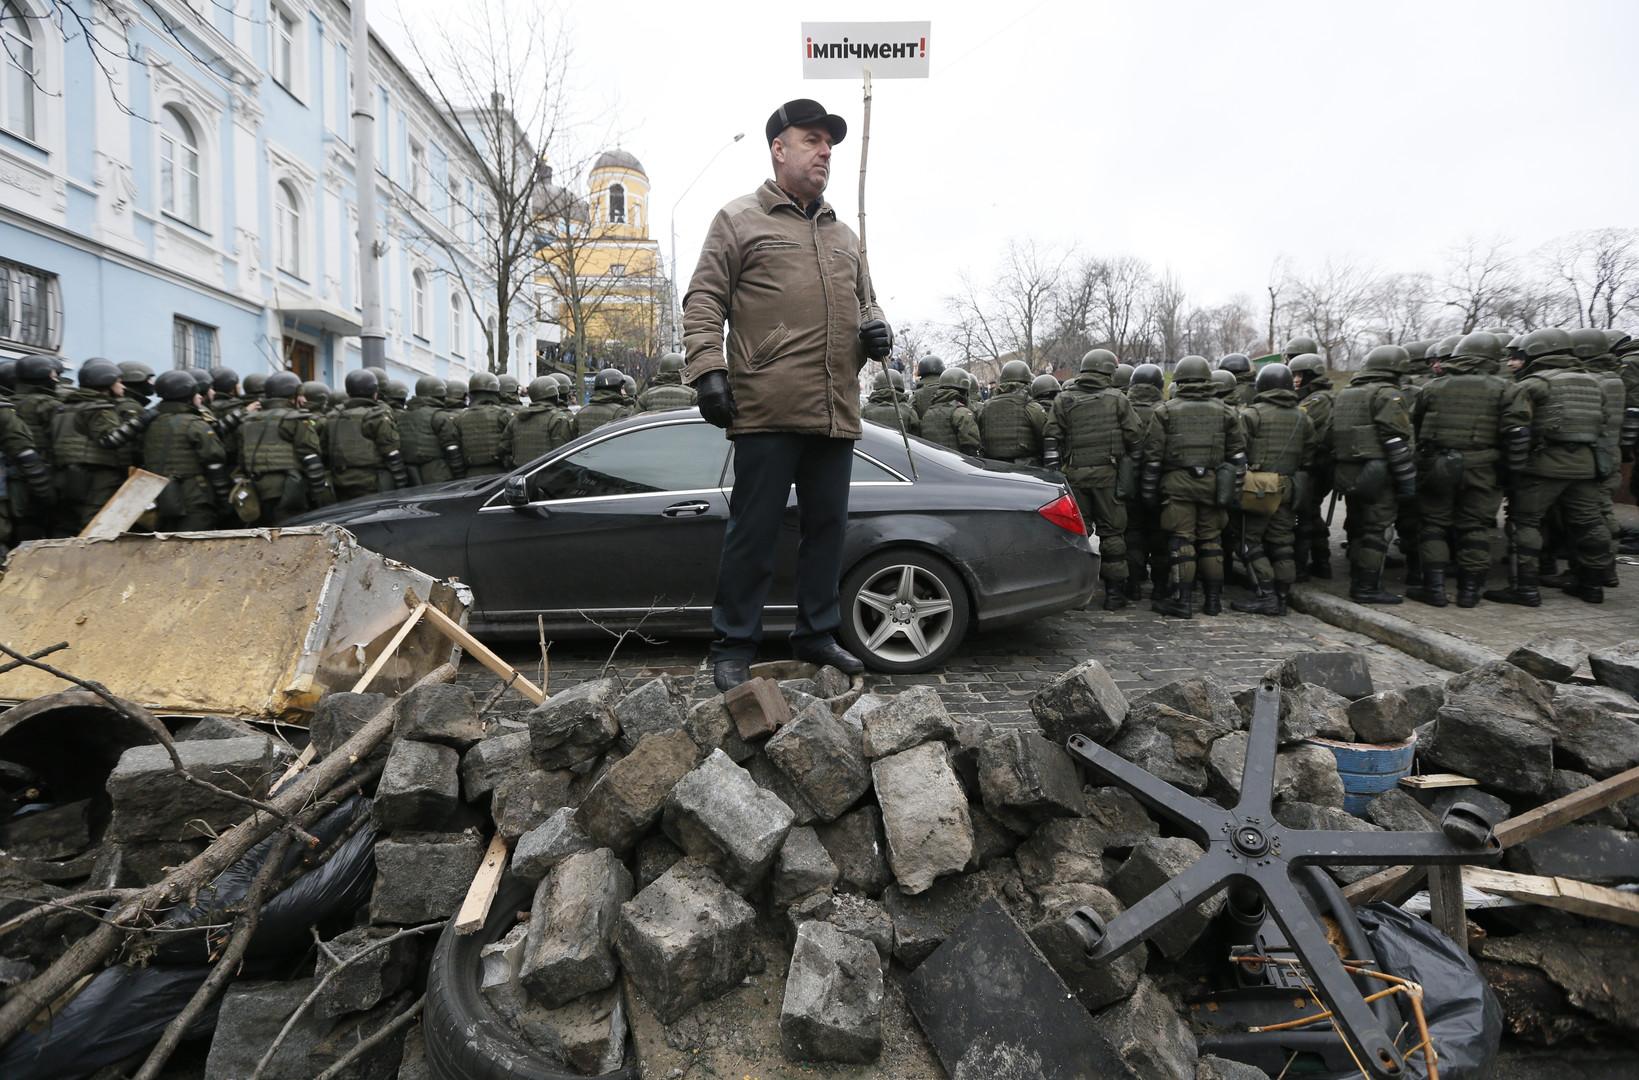 Saakaschwili und seine Festnahme: Von der Selbstmorddrohung bis zur Befreiung